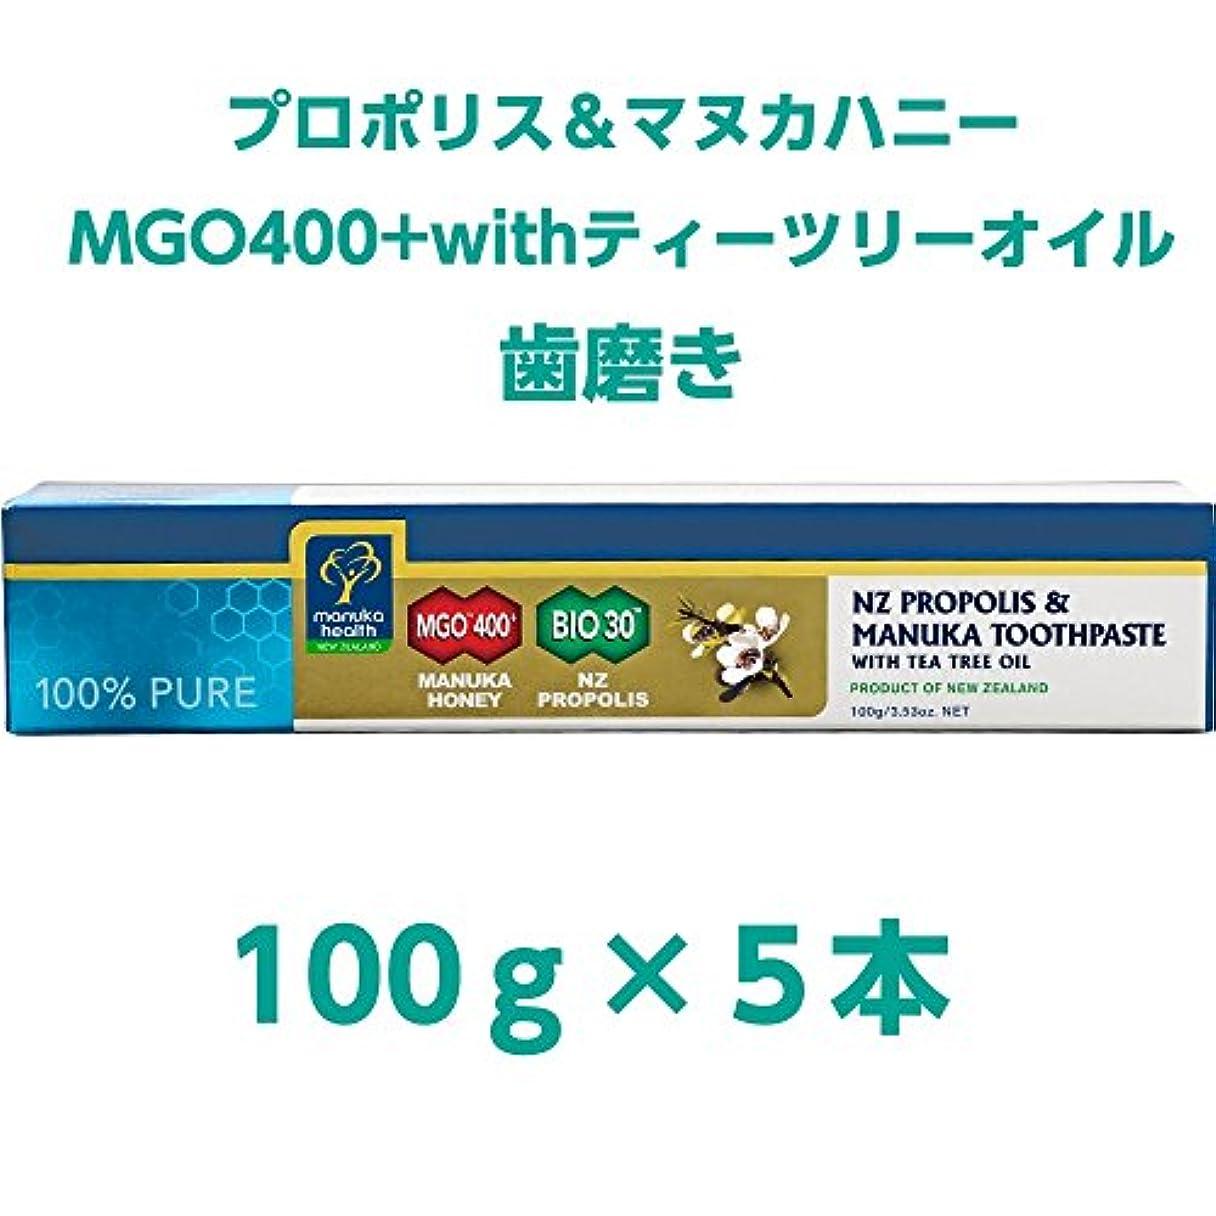 マヌカヘルス(ManukaHealth) プロポリス&マヌカハニーMGO400+withティーツリーオイル 歯磨き(100g×5本)